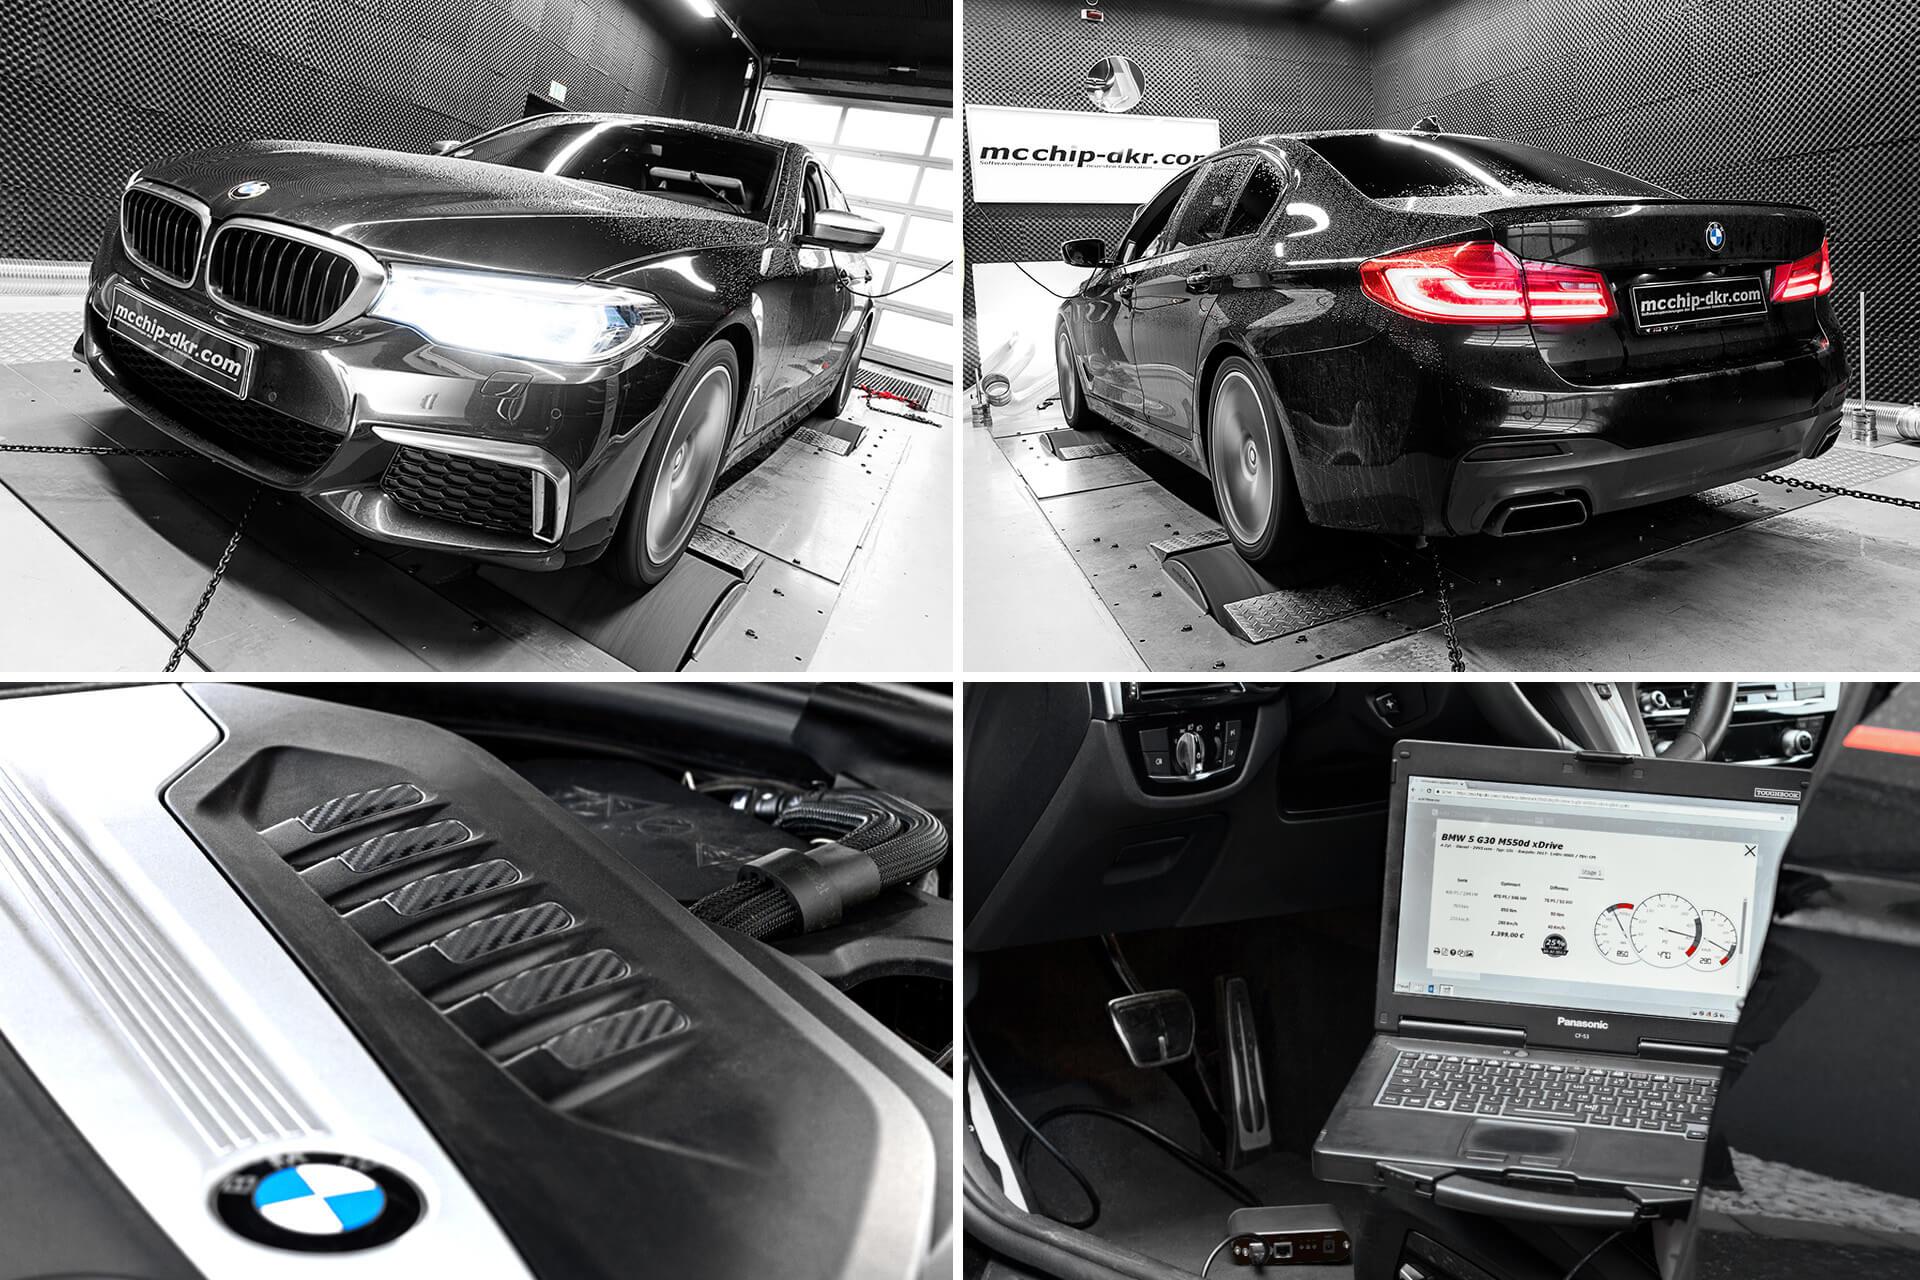 OBD Chiptuning + VMax BMW 5er G30, G31, 6er G32, 7er G11, G12